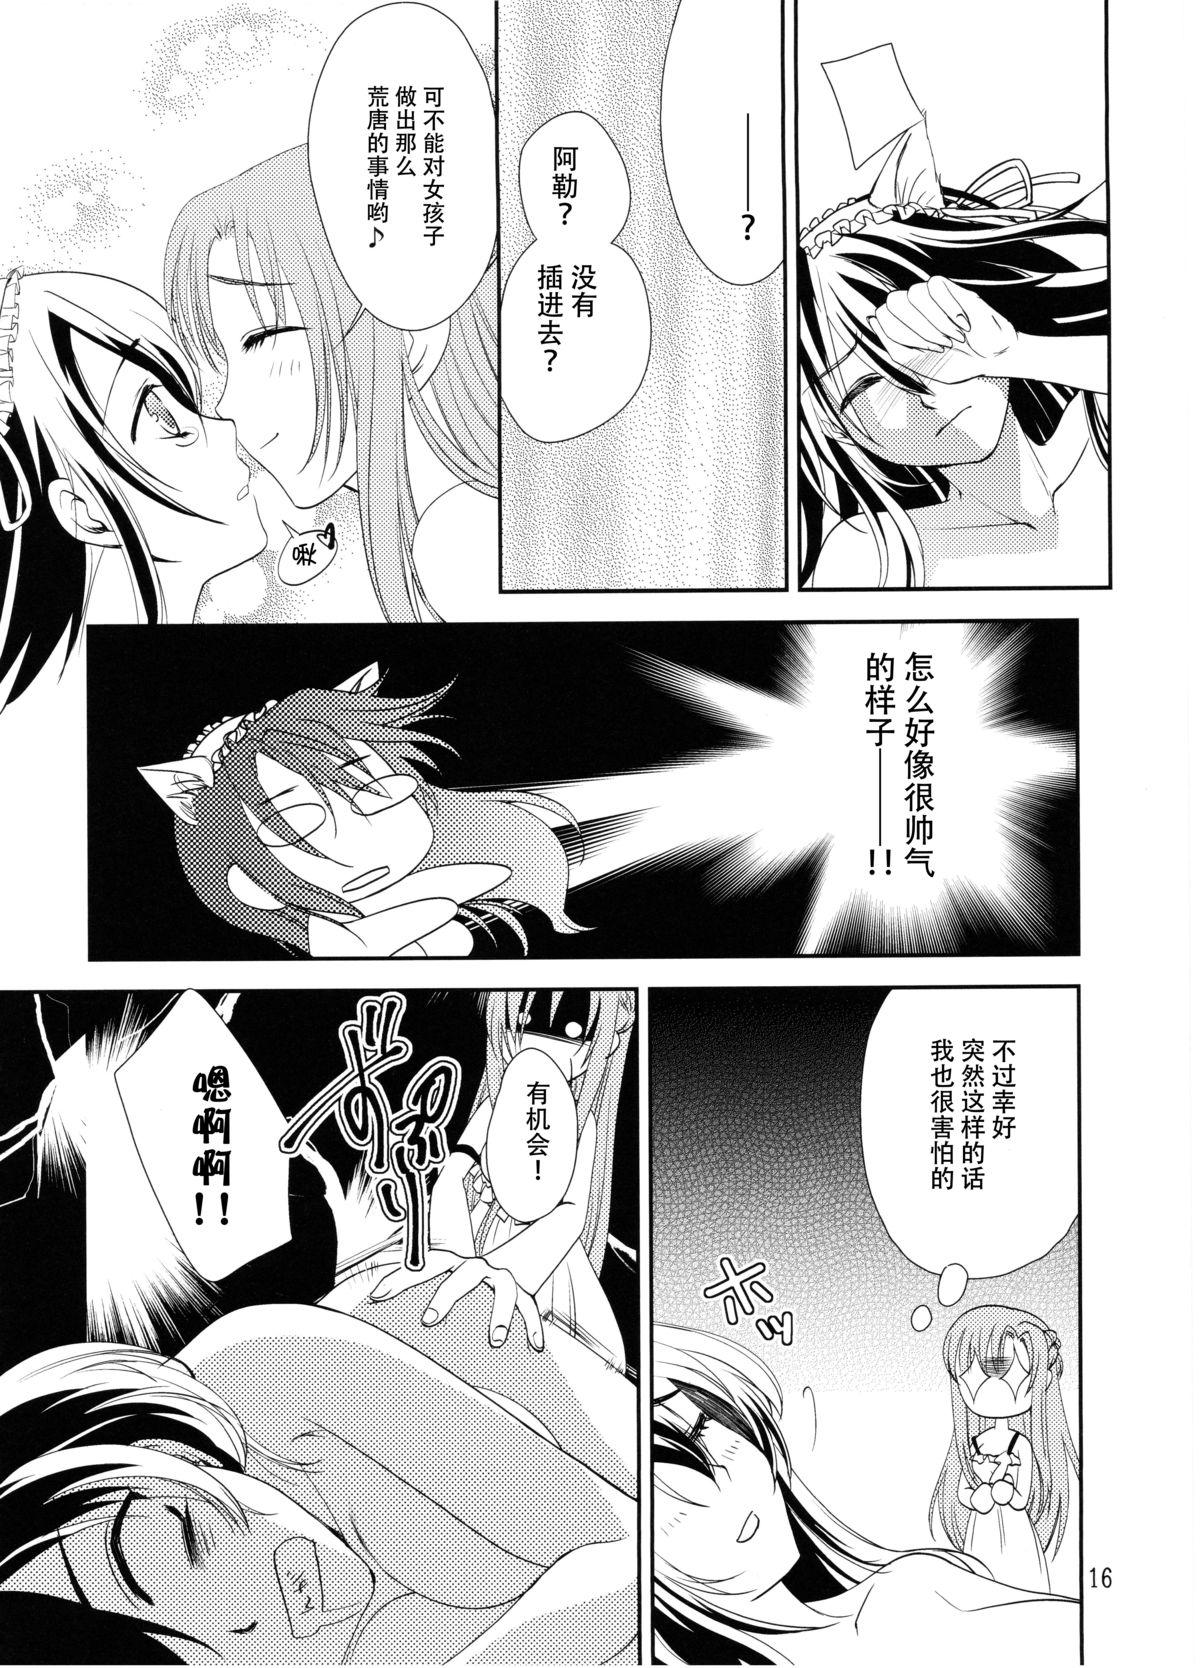 Kirito-kun no Shiroku Betatsuku nani ka 13